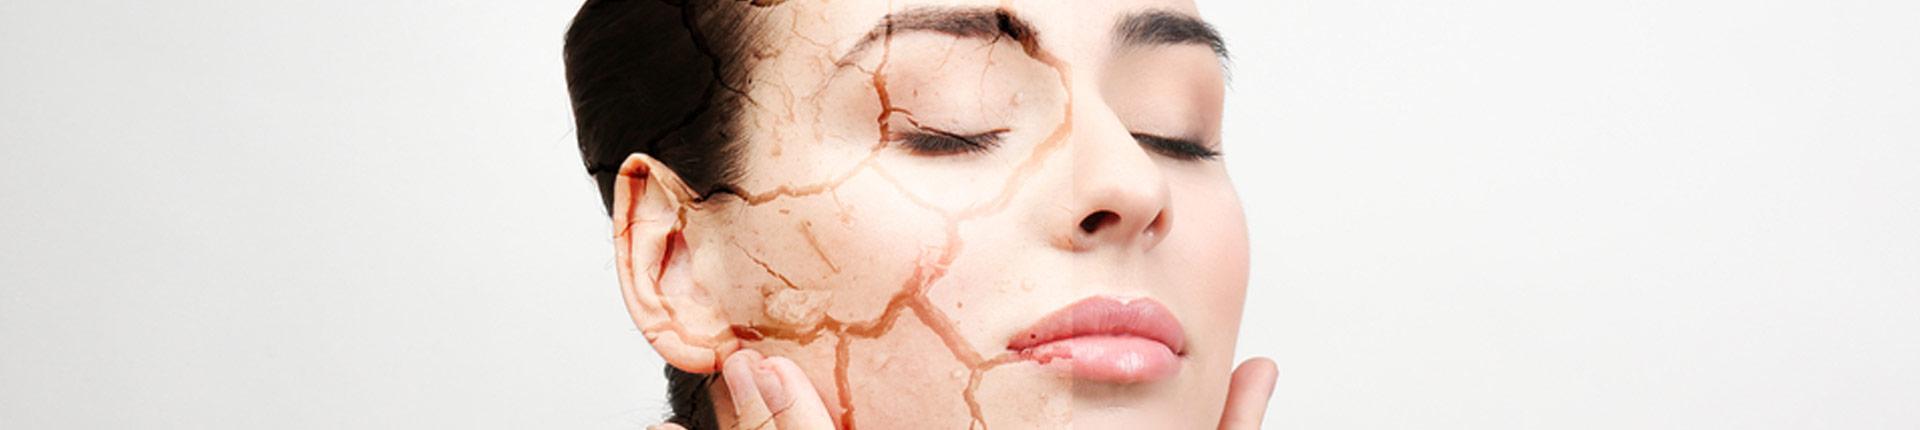 Najlepsze suplementy diety na suchą skórę